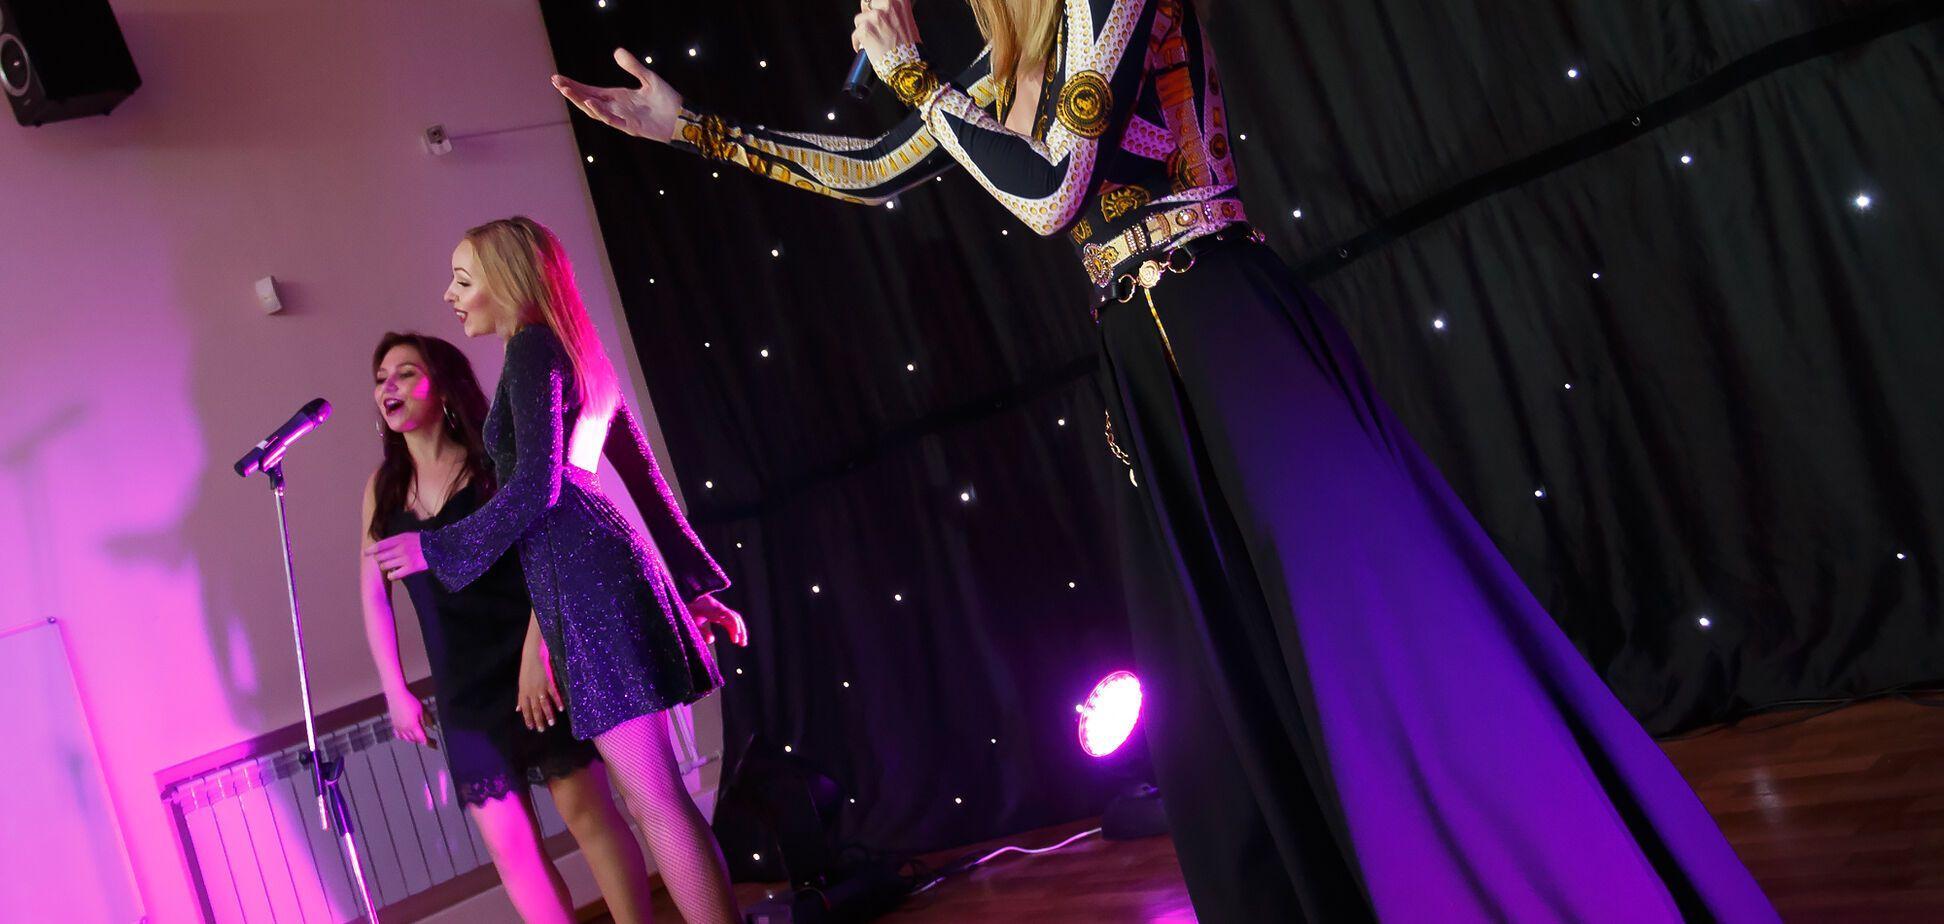 День медика: українські зірки влаштували яскравий концерт